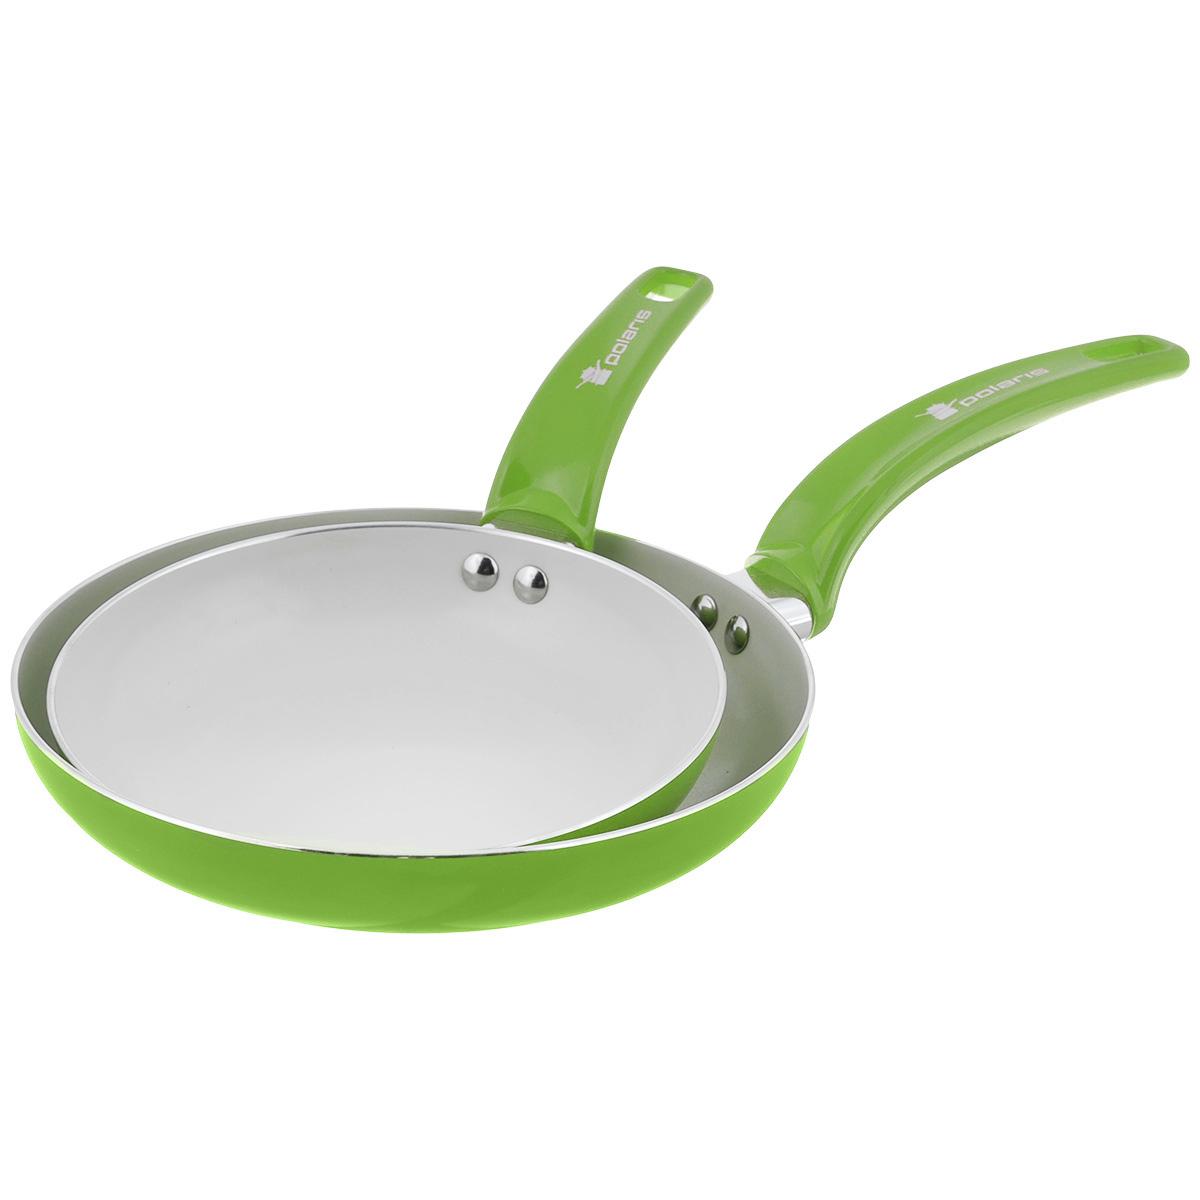 Набор сковородок Polaris Rainbow, с керамическим покрытием, цвет: салатовый. Диаметр 20 см, 24 см54 009312Сковорода Polaris Rainbow изготовлена из штампованного алюминия толщиной 2,5 мм с керамическим антипригарным покрытием. Данное покрытие является абсолютно экологичным и не содержит вредных веществ, таких как PTFE и PFOA. Это позволяет готовить здоровую пищу с минимальным добавлением жира или подсолнечного масла. Сковорода быстро разогревается и распределяет тепло по всей поверхности.Сковорода оснащена удобной ручкой из бакелита. Изделие подходит для газовых, электрических, стеклокерамических плит. Не подходит для индукционных плит. Сковороду можно мыть в посудомоечной машине. Не использовать в СВЧ-печах.Большая сковорода.Высота стенки: 4 см.Толщина стенки: 2,5 мм.Толщина дна: 2,5 мм.Длина ручки: 18 см.Малая сковорода:Высота стенки: 3,5 см.Толщина стенки: 2,5 мм.Толщина дна: 2,5 мм.Длина ручки: 15 см.